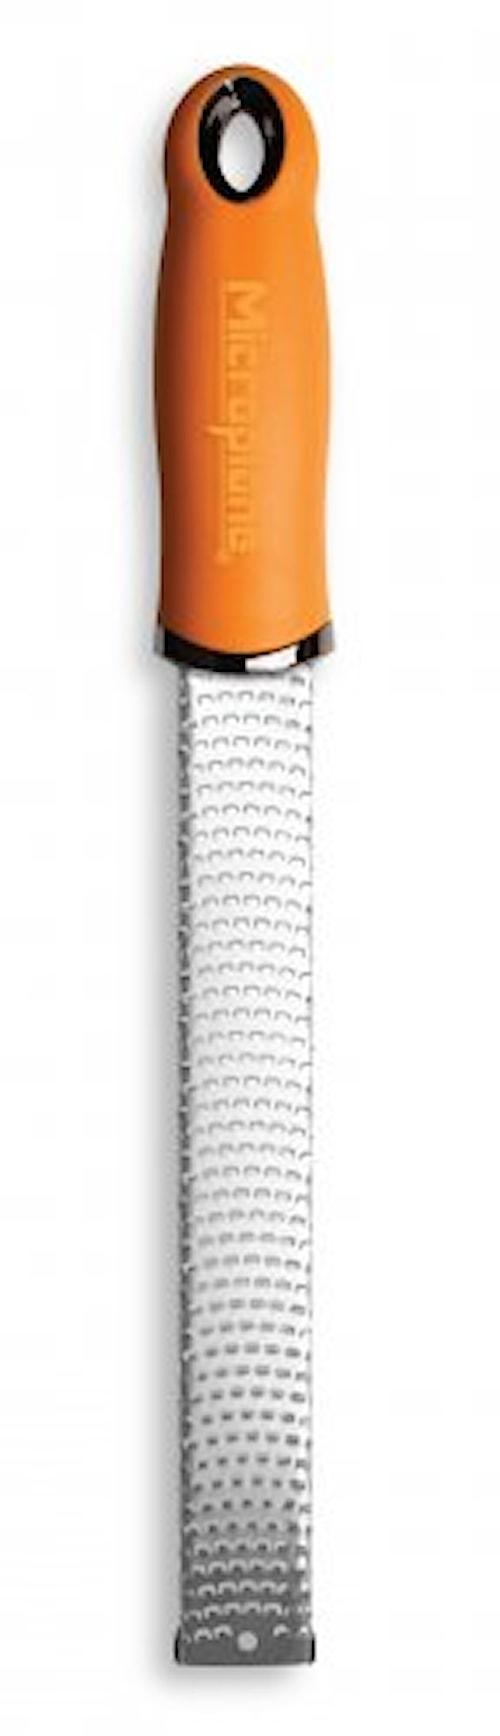 Premium Classic zestjärn orange